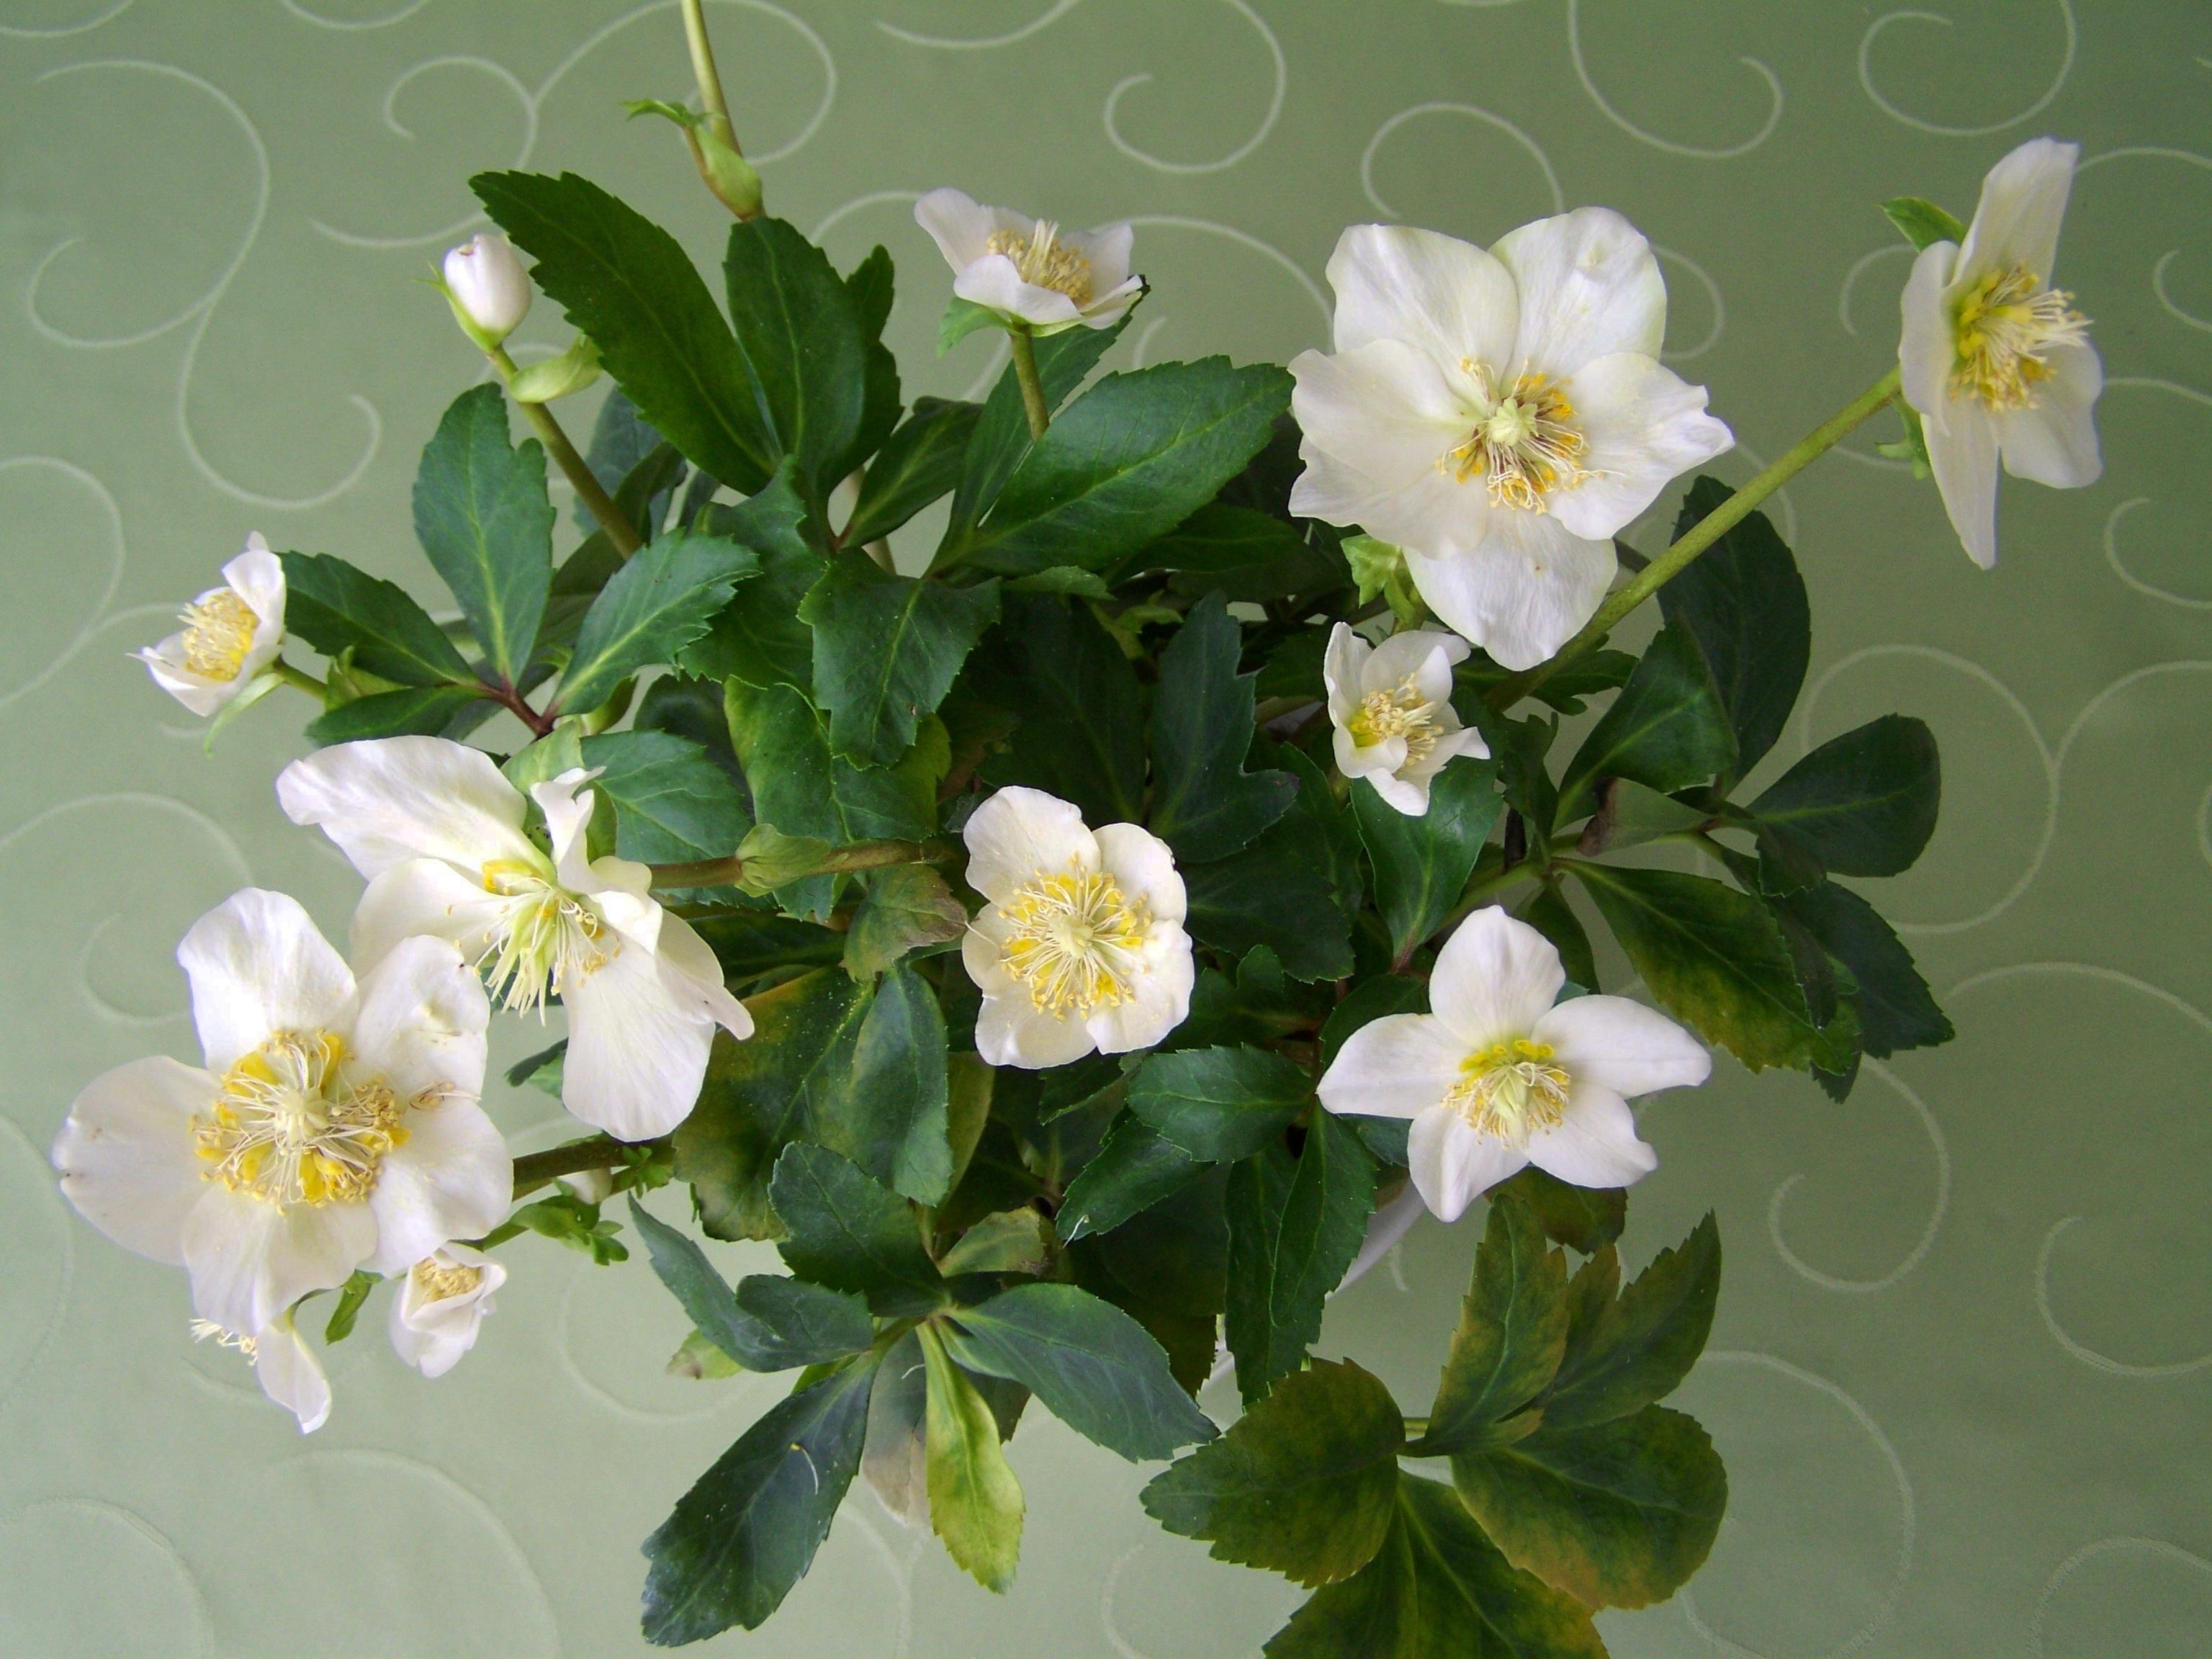 Images Gratuites Botanique Flore Fleur Blanche Arbuste